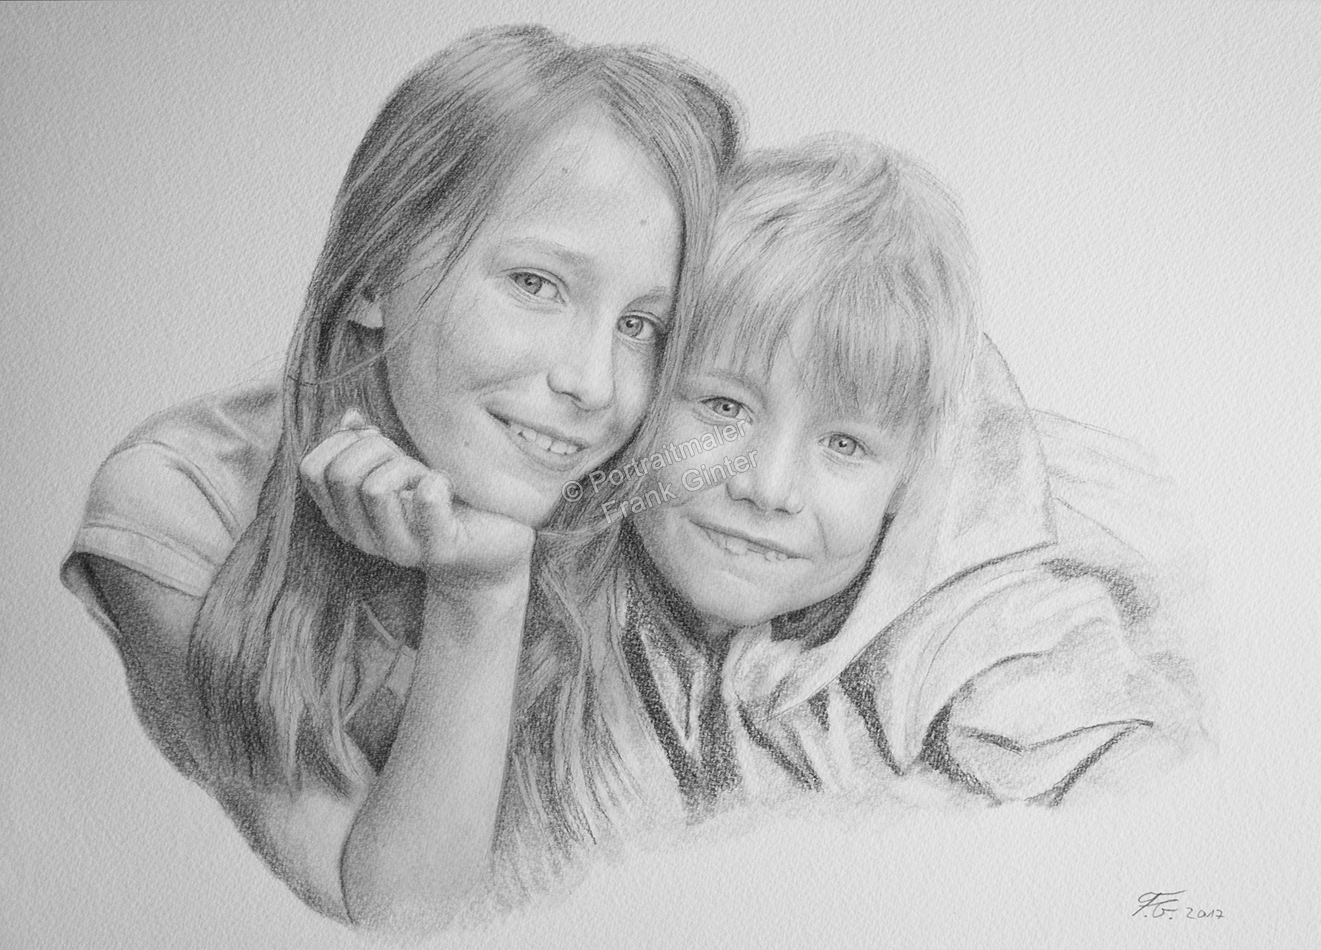 Bleistiftzeichnungen, Portraitzeichnung, Kinder Portrait zeichnen lassen, Mädchen und Junge Bleistiftzeichnung